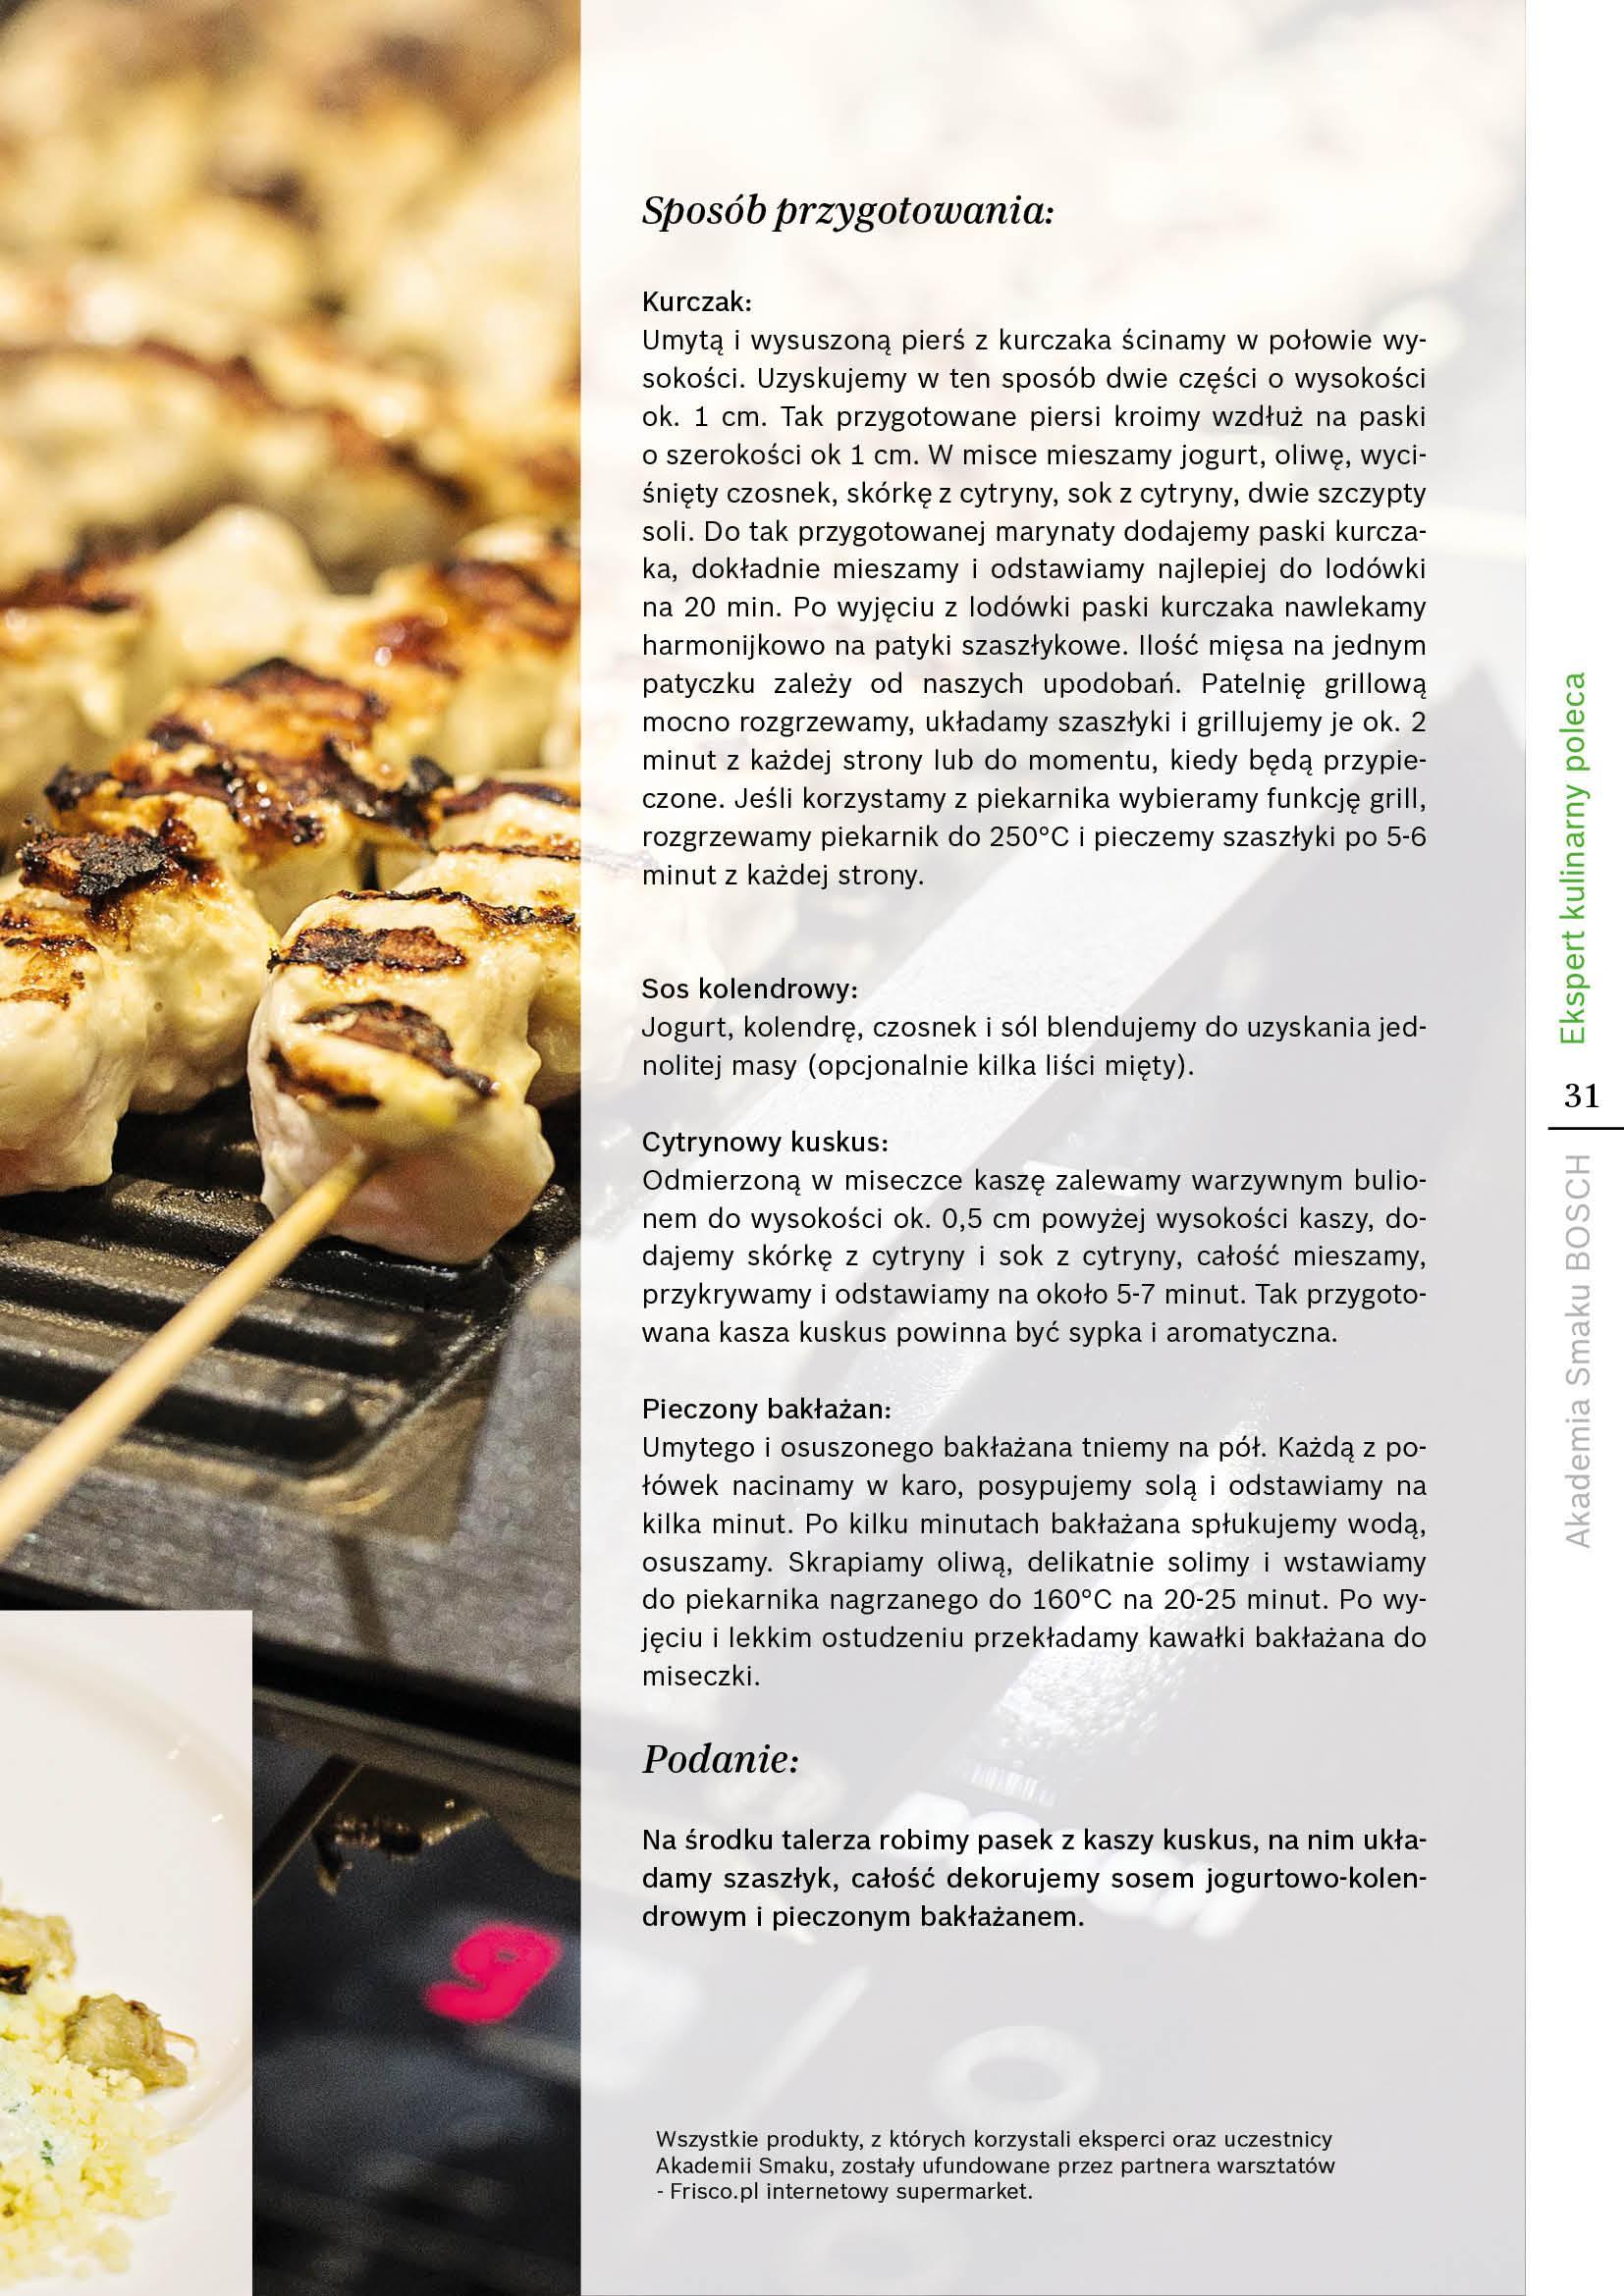 Jedz zdrowo! Przyszła mama w kuchni - Strona 31